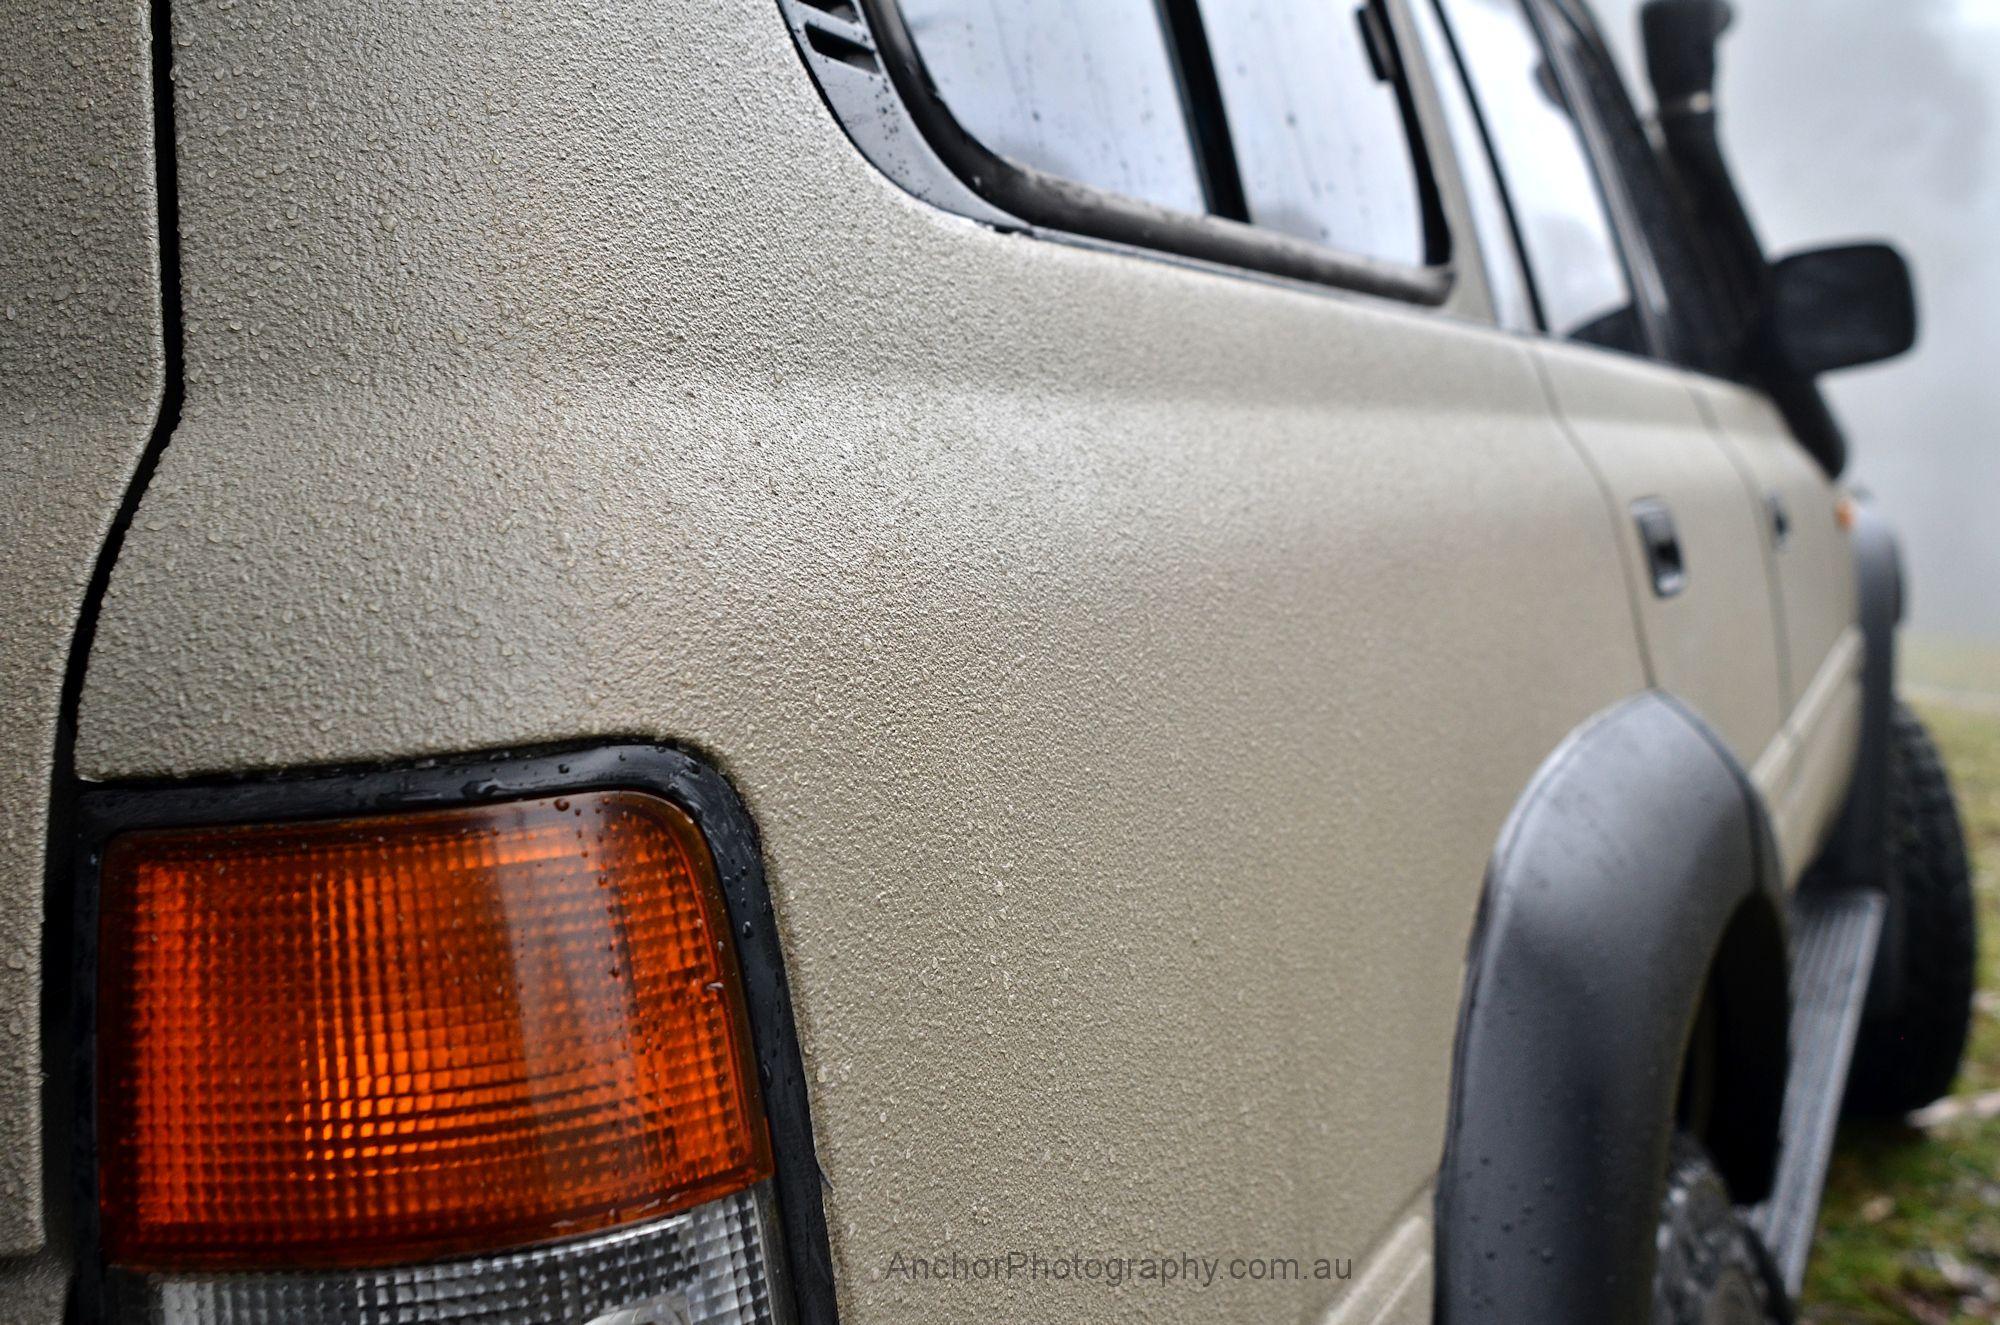 Landcruiser 80 Series Raptor Liner Bed Liner Paint Bed Liner